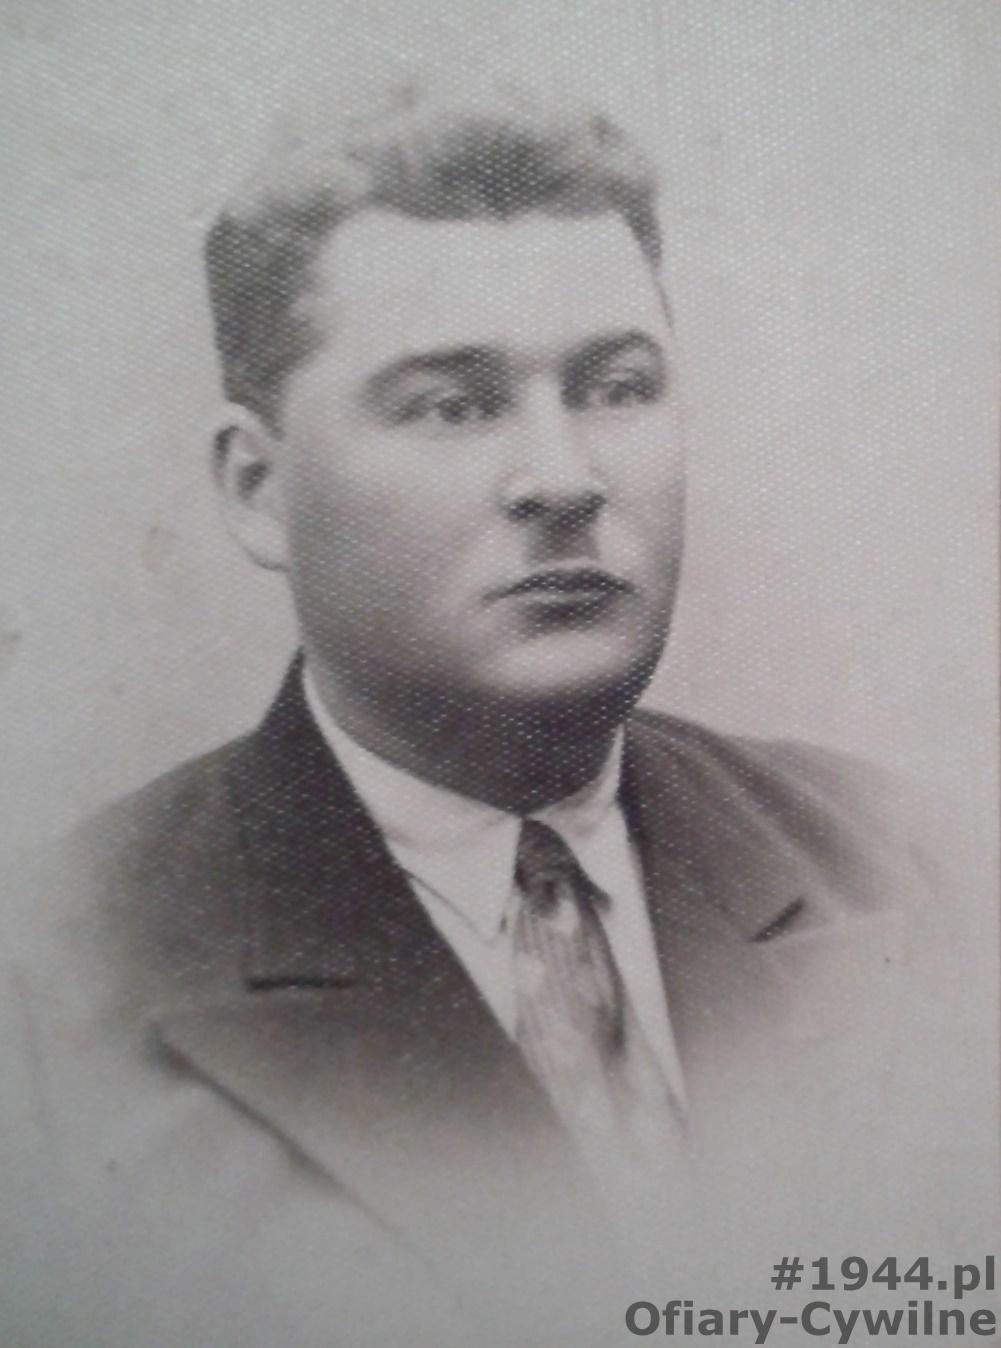 Czesław Czarnecki, zdjęcie przesłane przez panią Elżbietę Garal